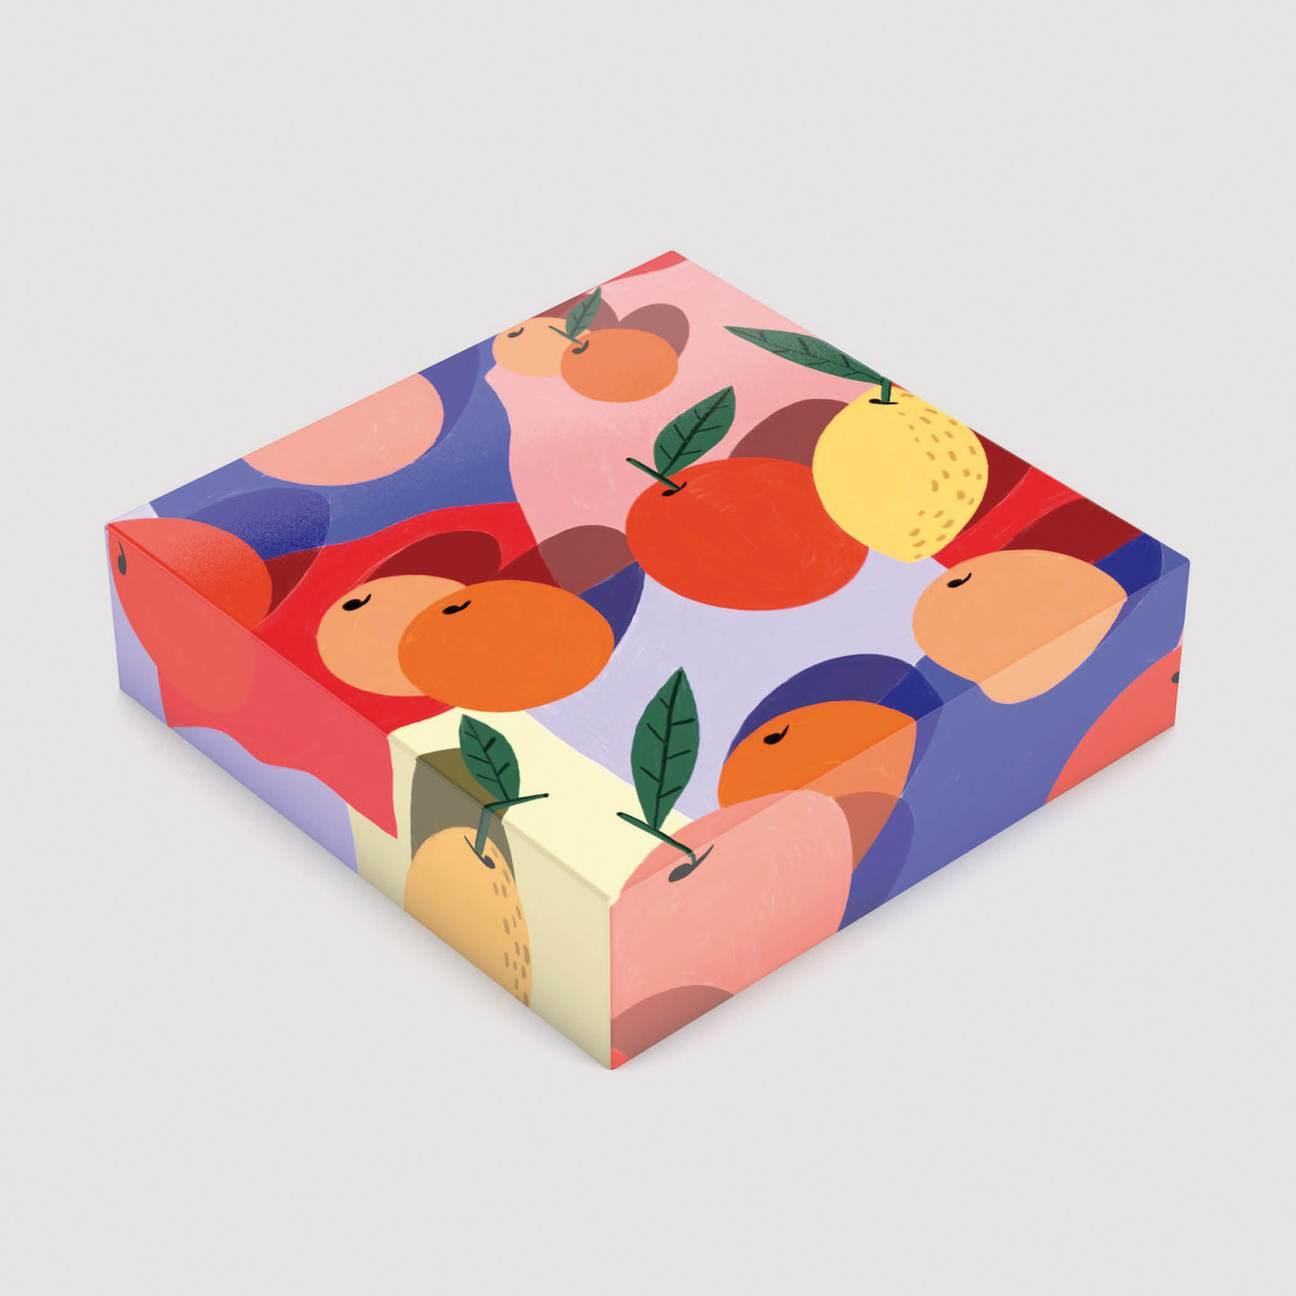 Concours : Les Puzzles illustrés de Sulo